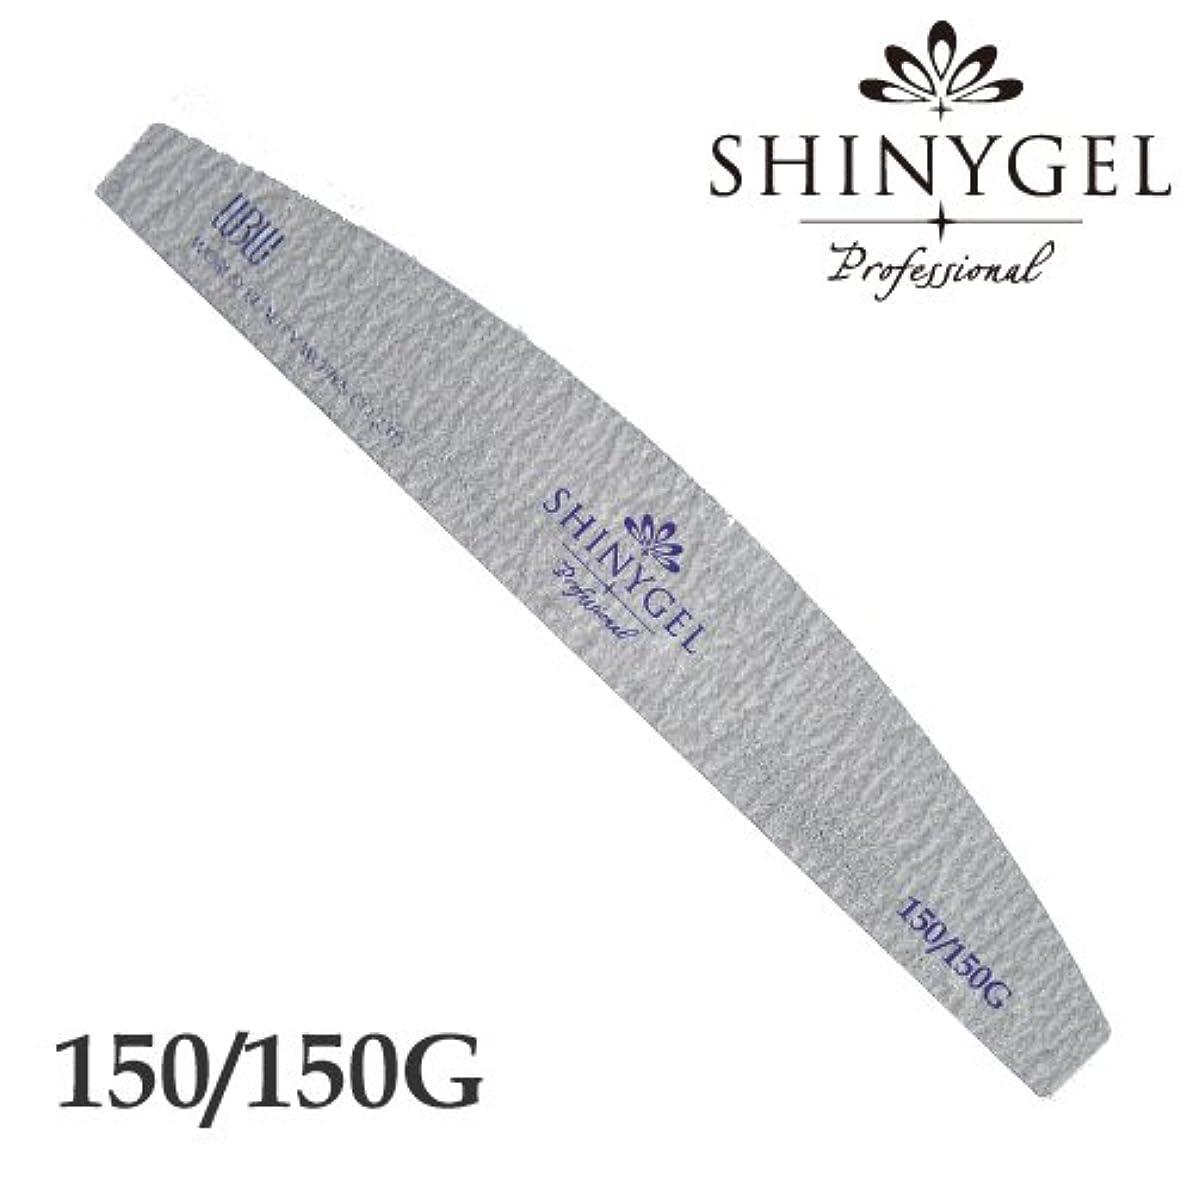 期限切れ見えるミニチュアSHINYGEL Professional シャイニージェルプロフェッショナル ゼブラファイル ブラック(アーチ型) 150/150G ジェルネイル 爪やすり